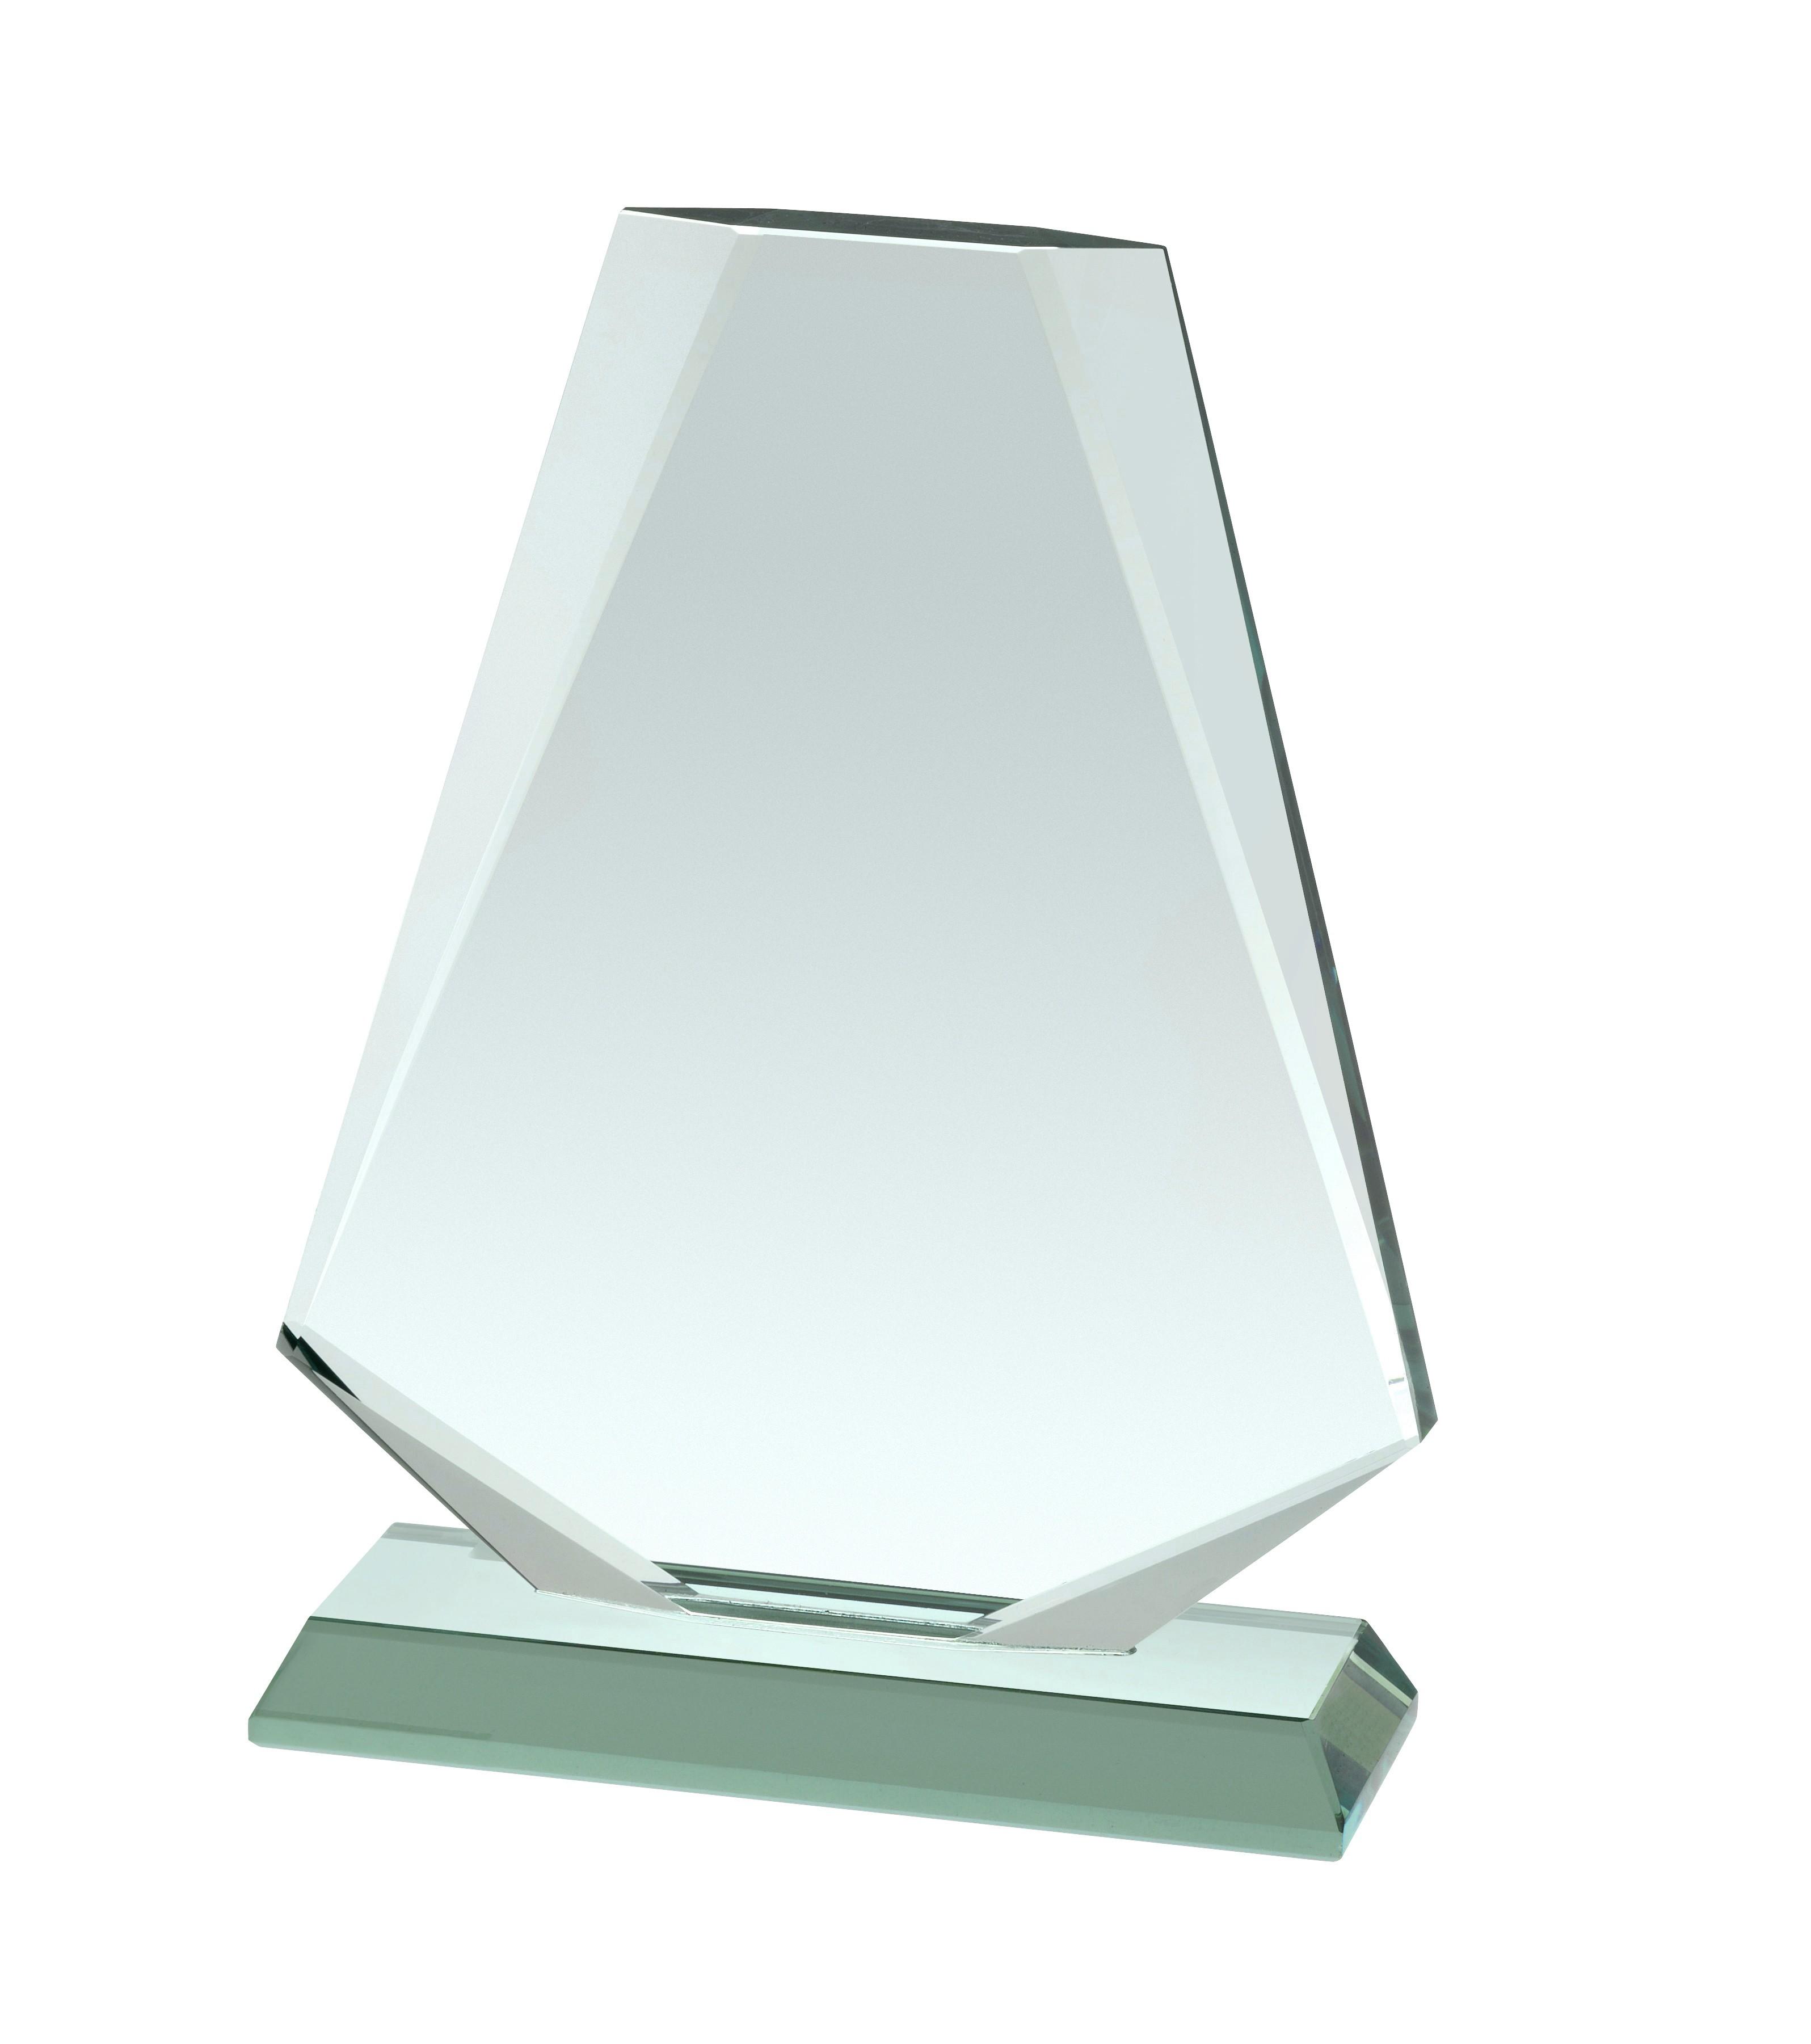 18cm Jade Glass Award in Box